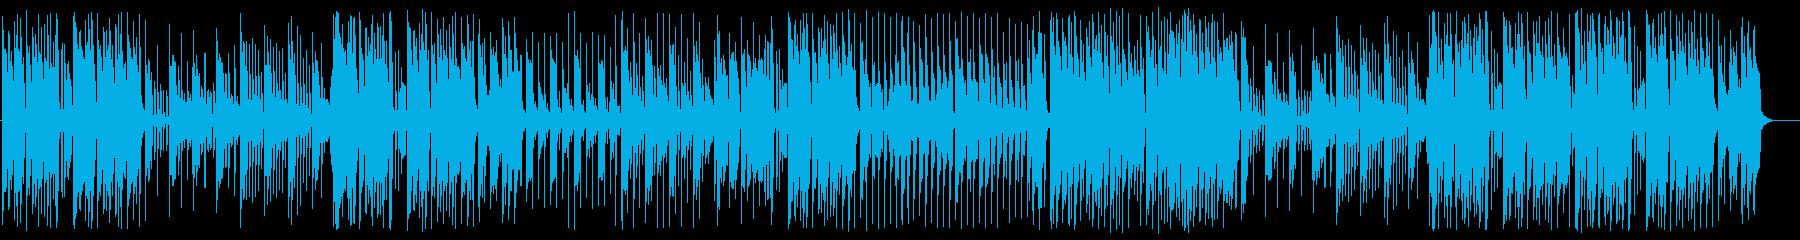 シンセサイザーが印象的な軽めの曲の再生済みの波形